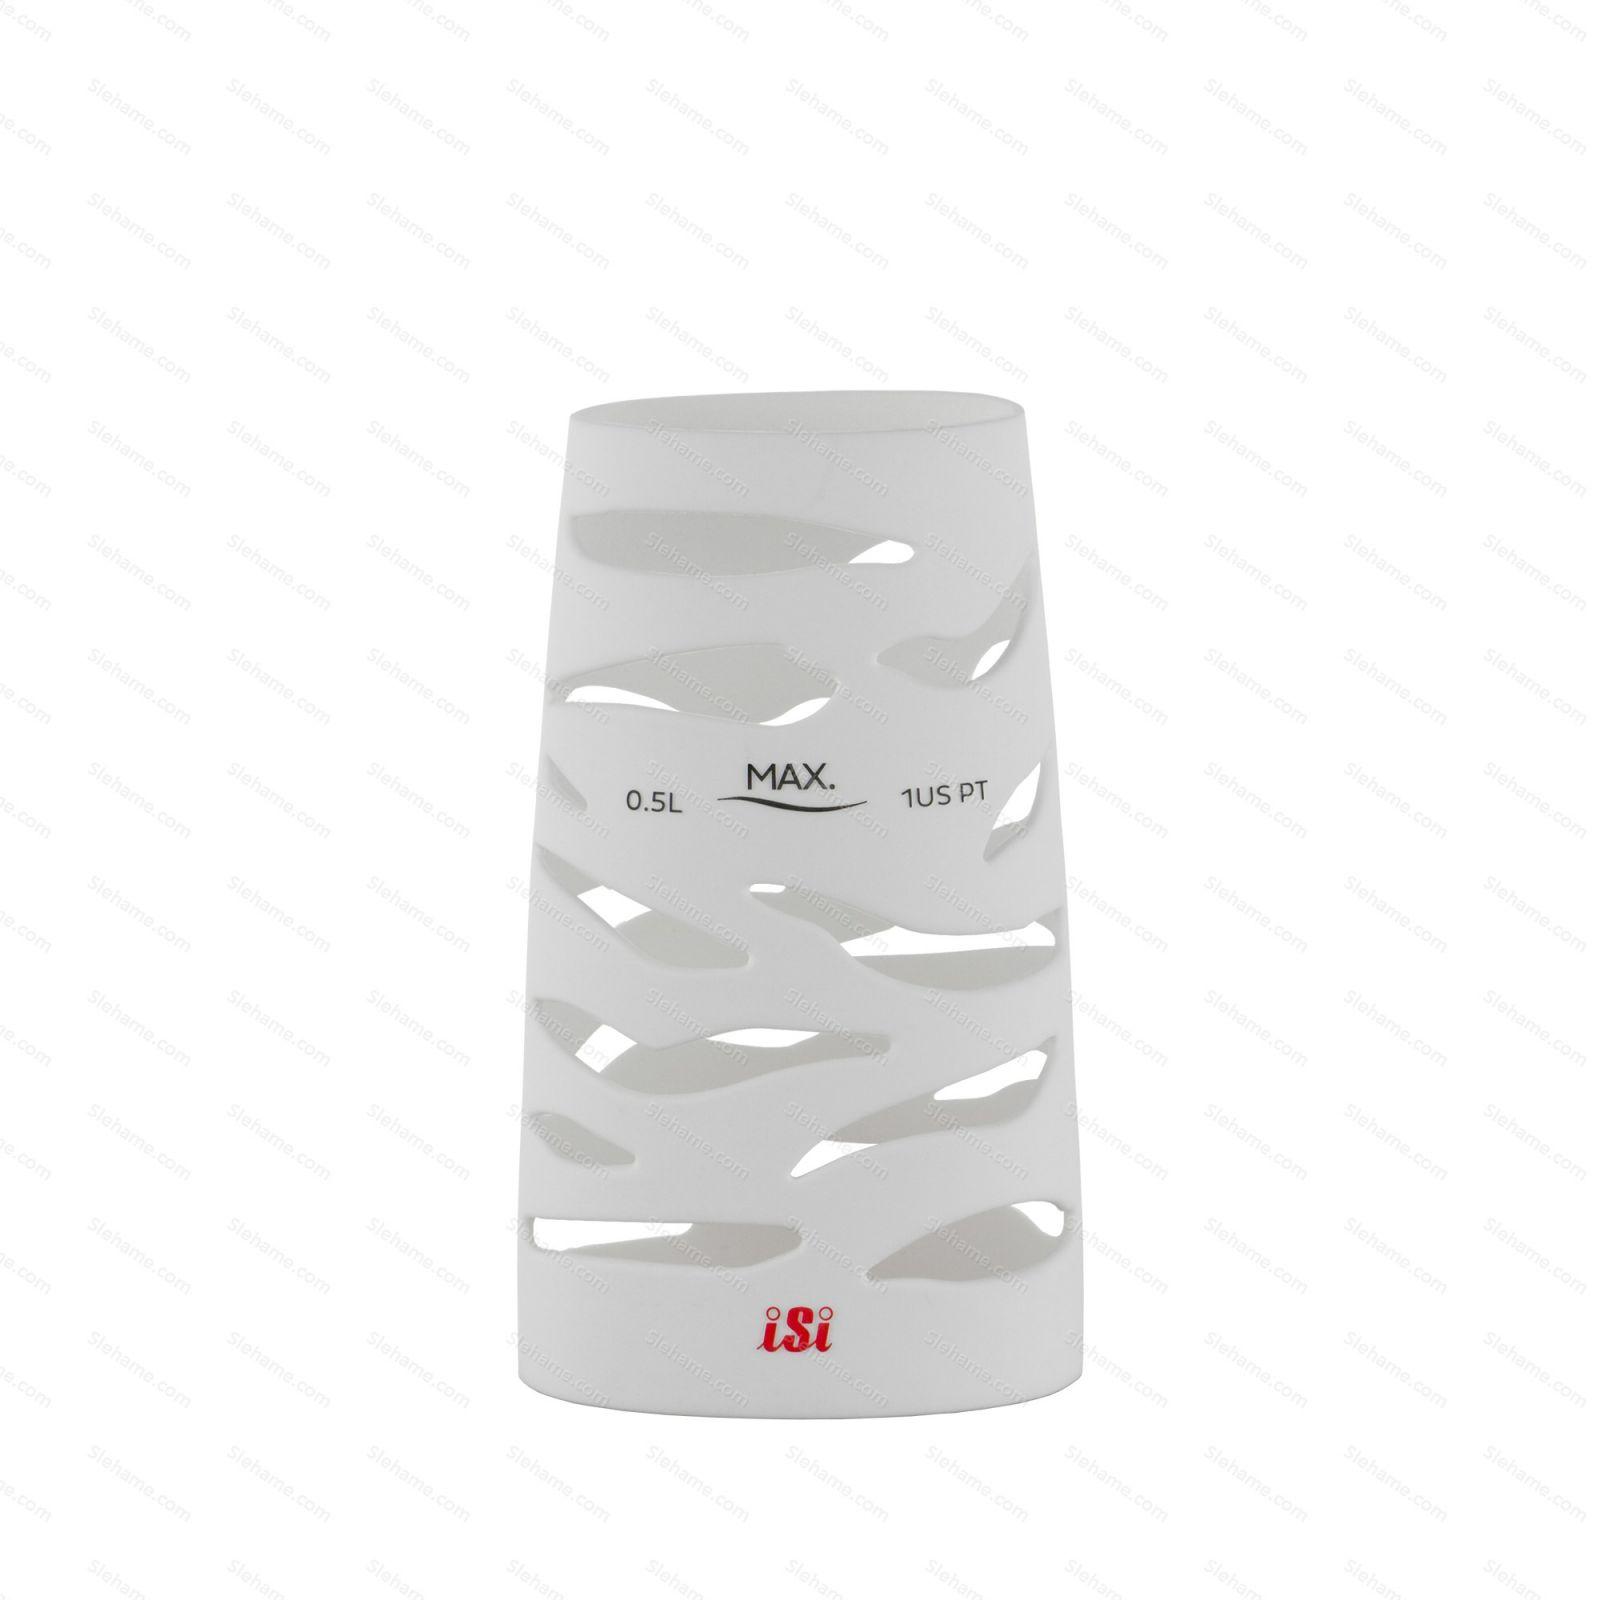 Silikonový návlek pro šlehače iSi 0.5 l, bílý